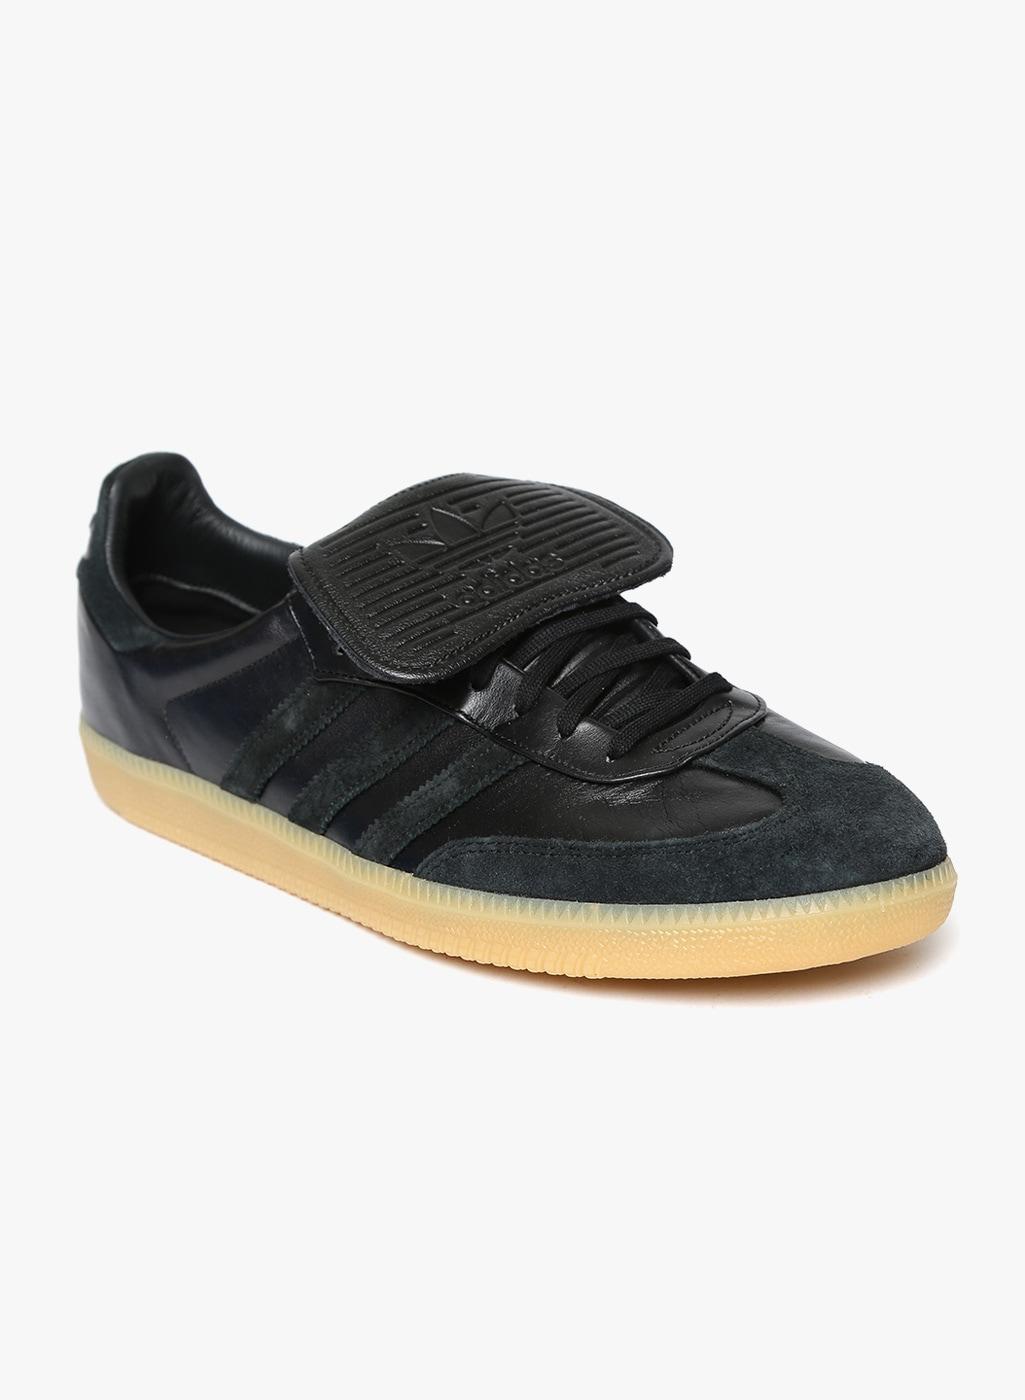 hot sale online 76eae 1108b Adidas Originals - Buy Adidas Originals online in India - Jabong